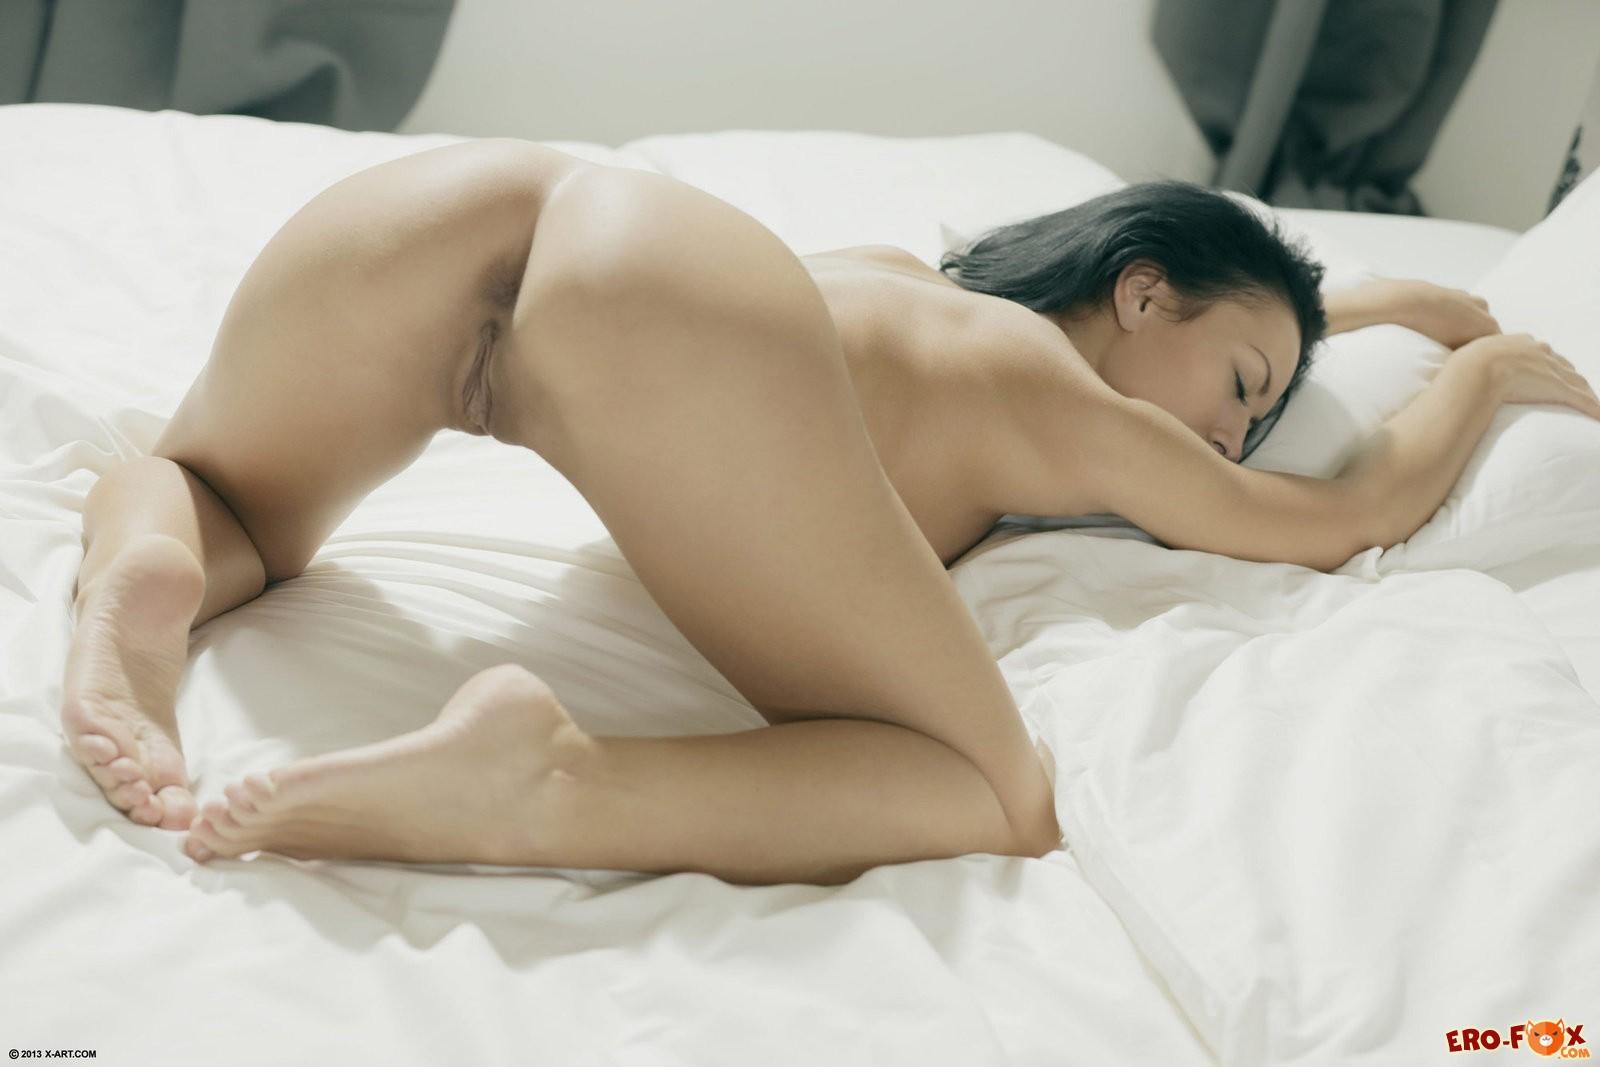 Страстная брюнетка разделась в постели и встала раком